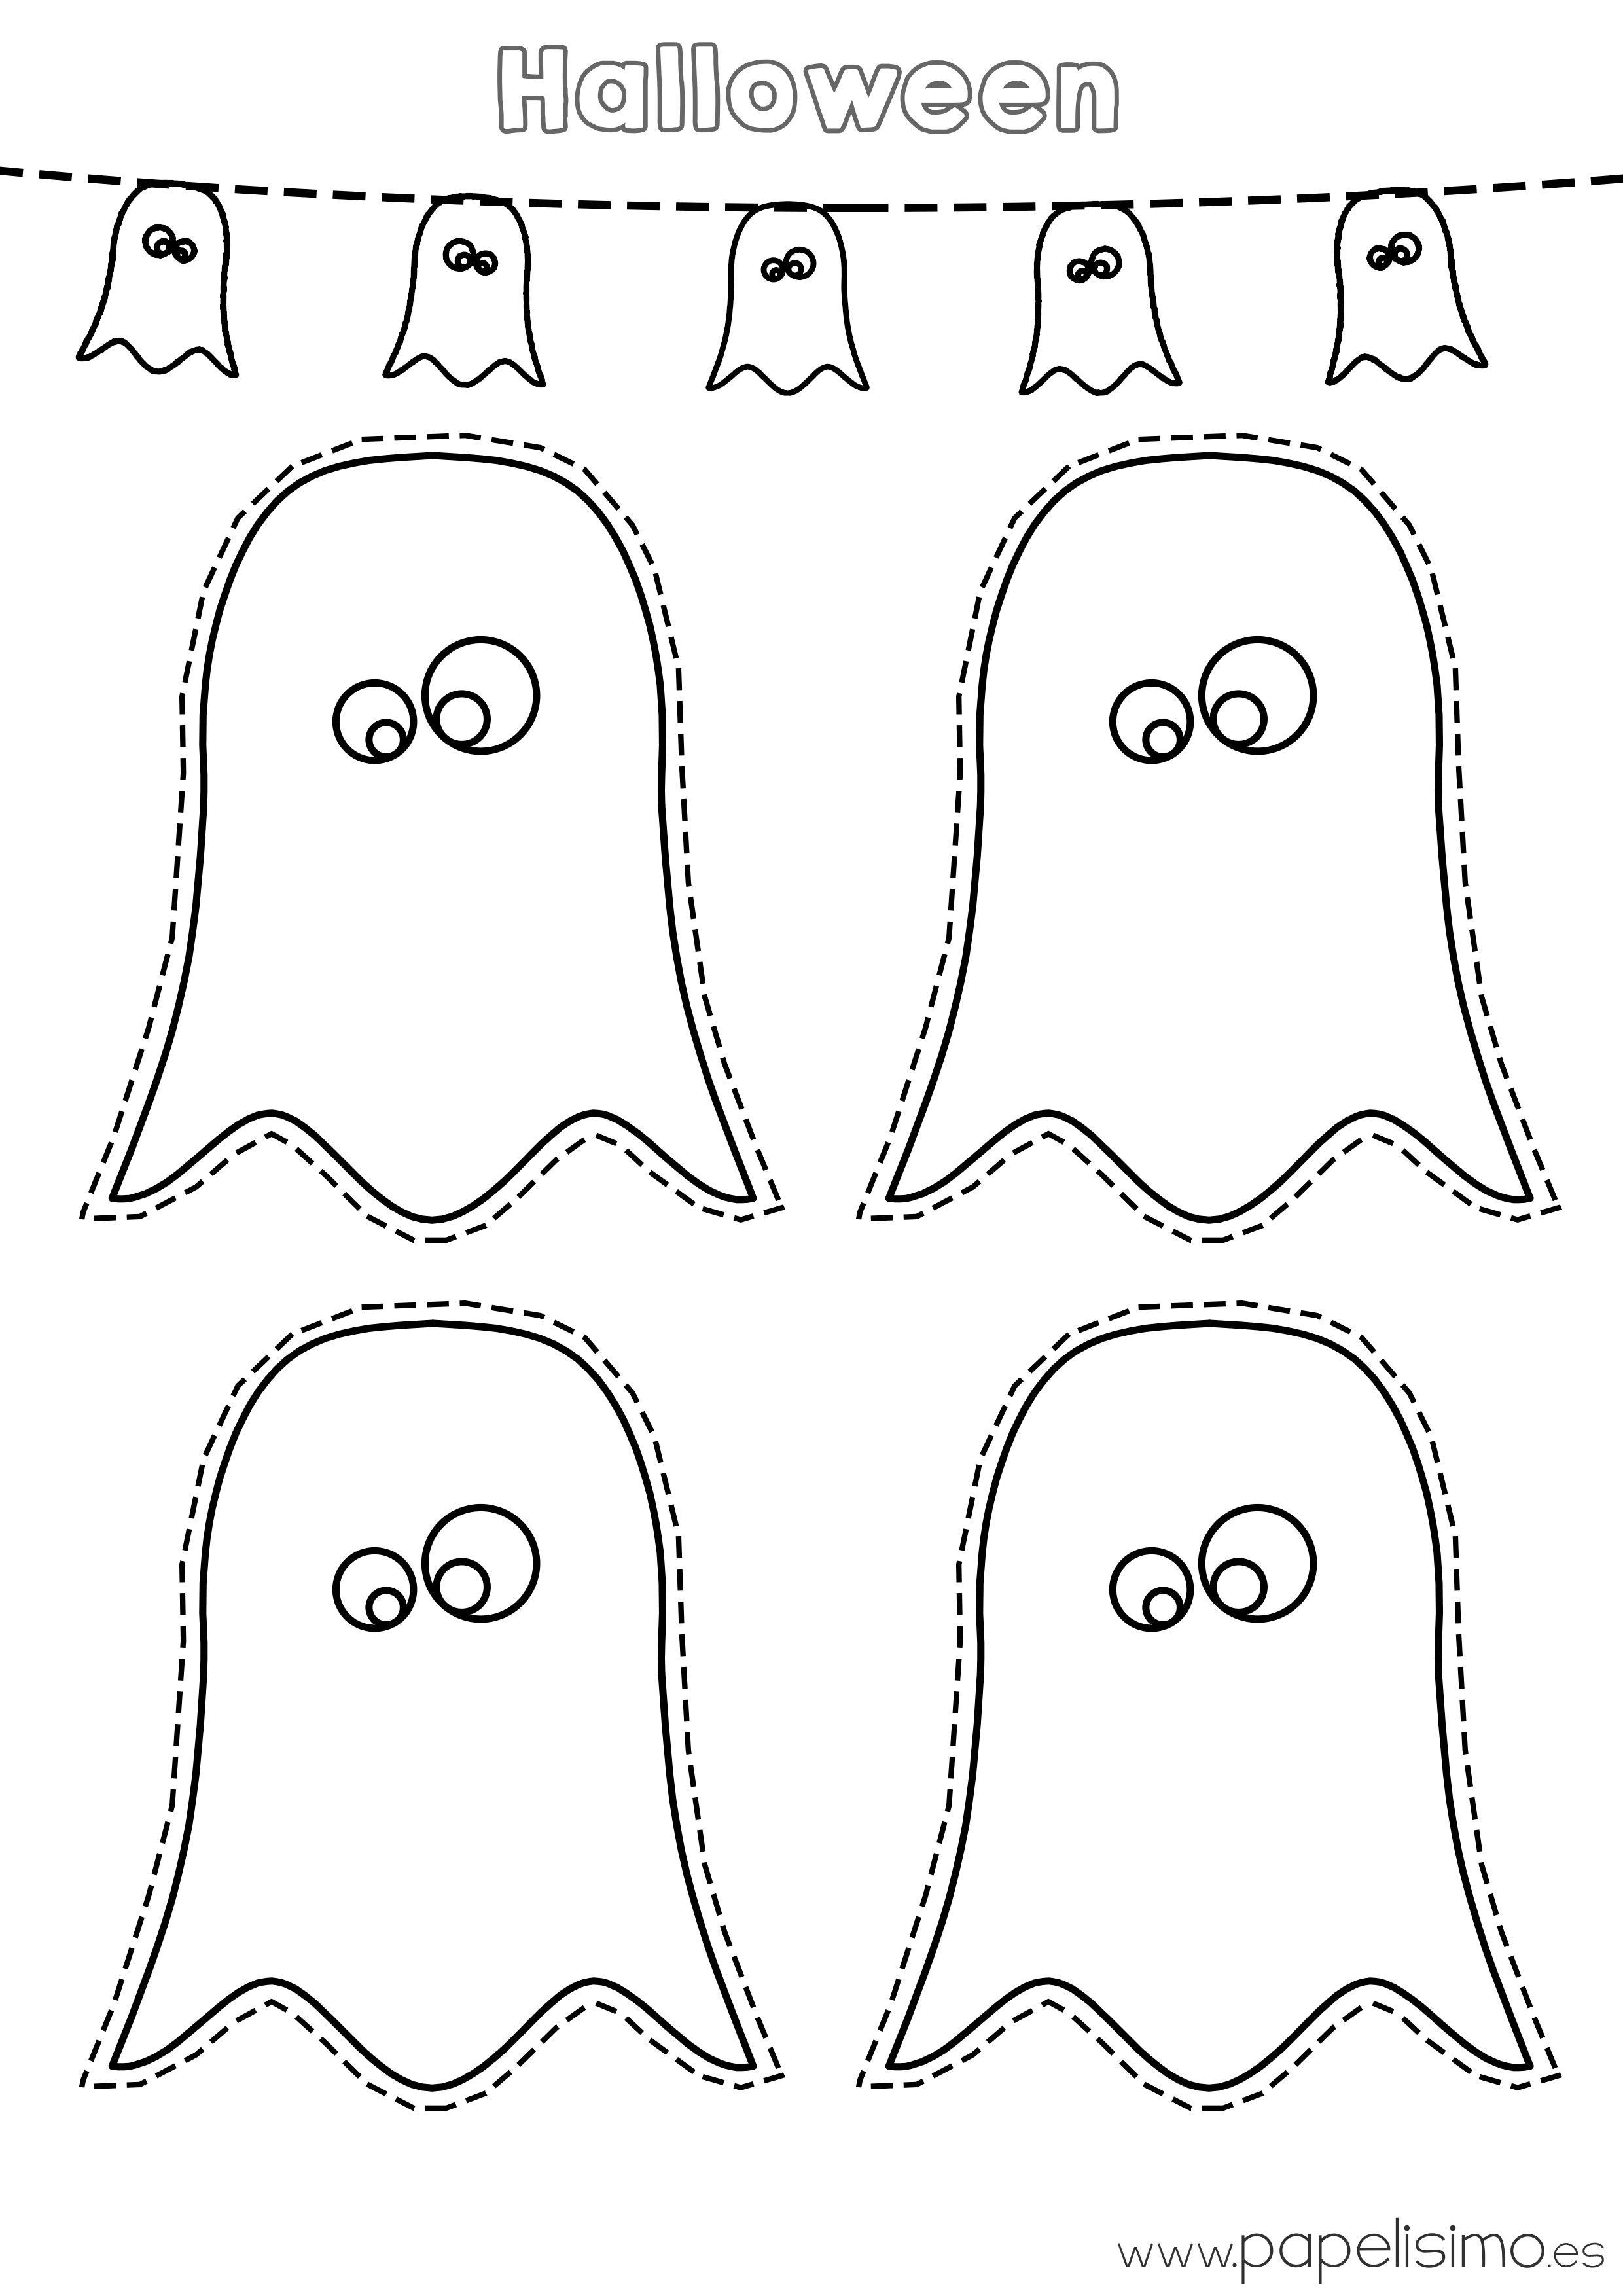 Dibujos-fantasmas-de-Halloween-para-imprimir-y-recortar ...